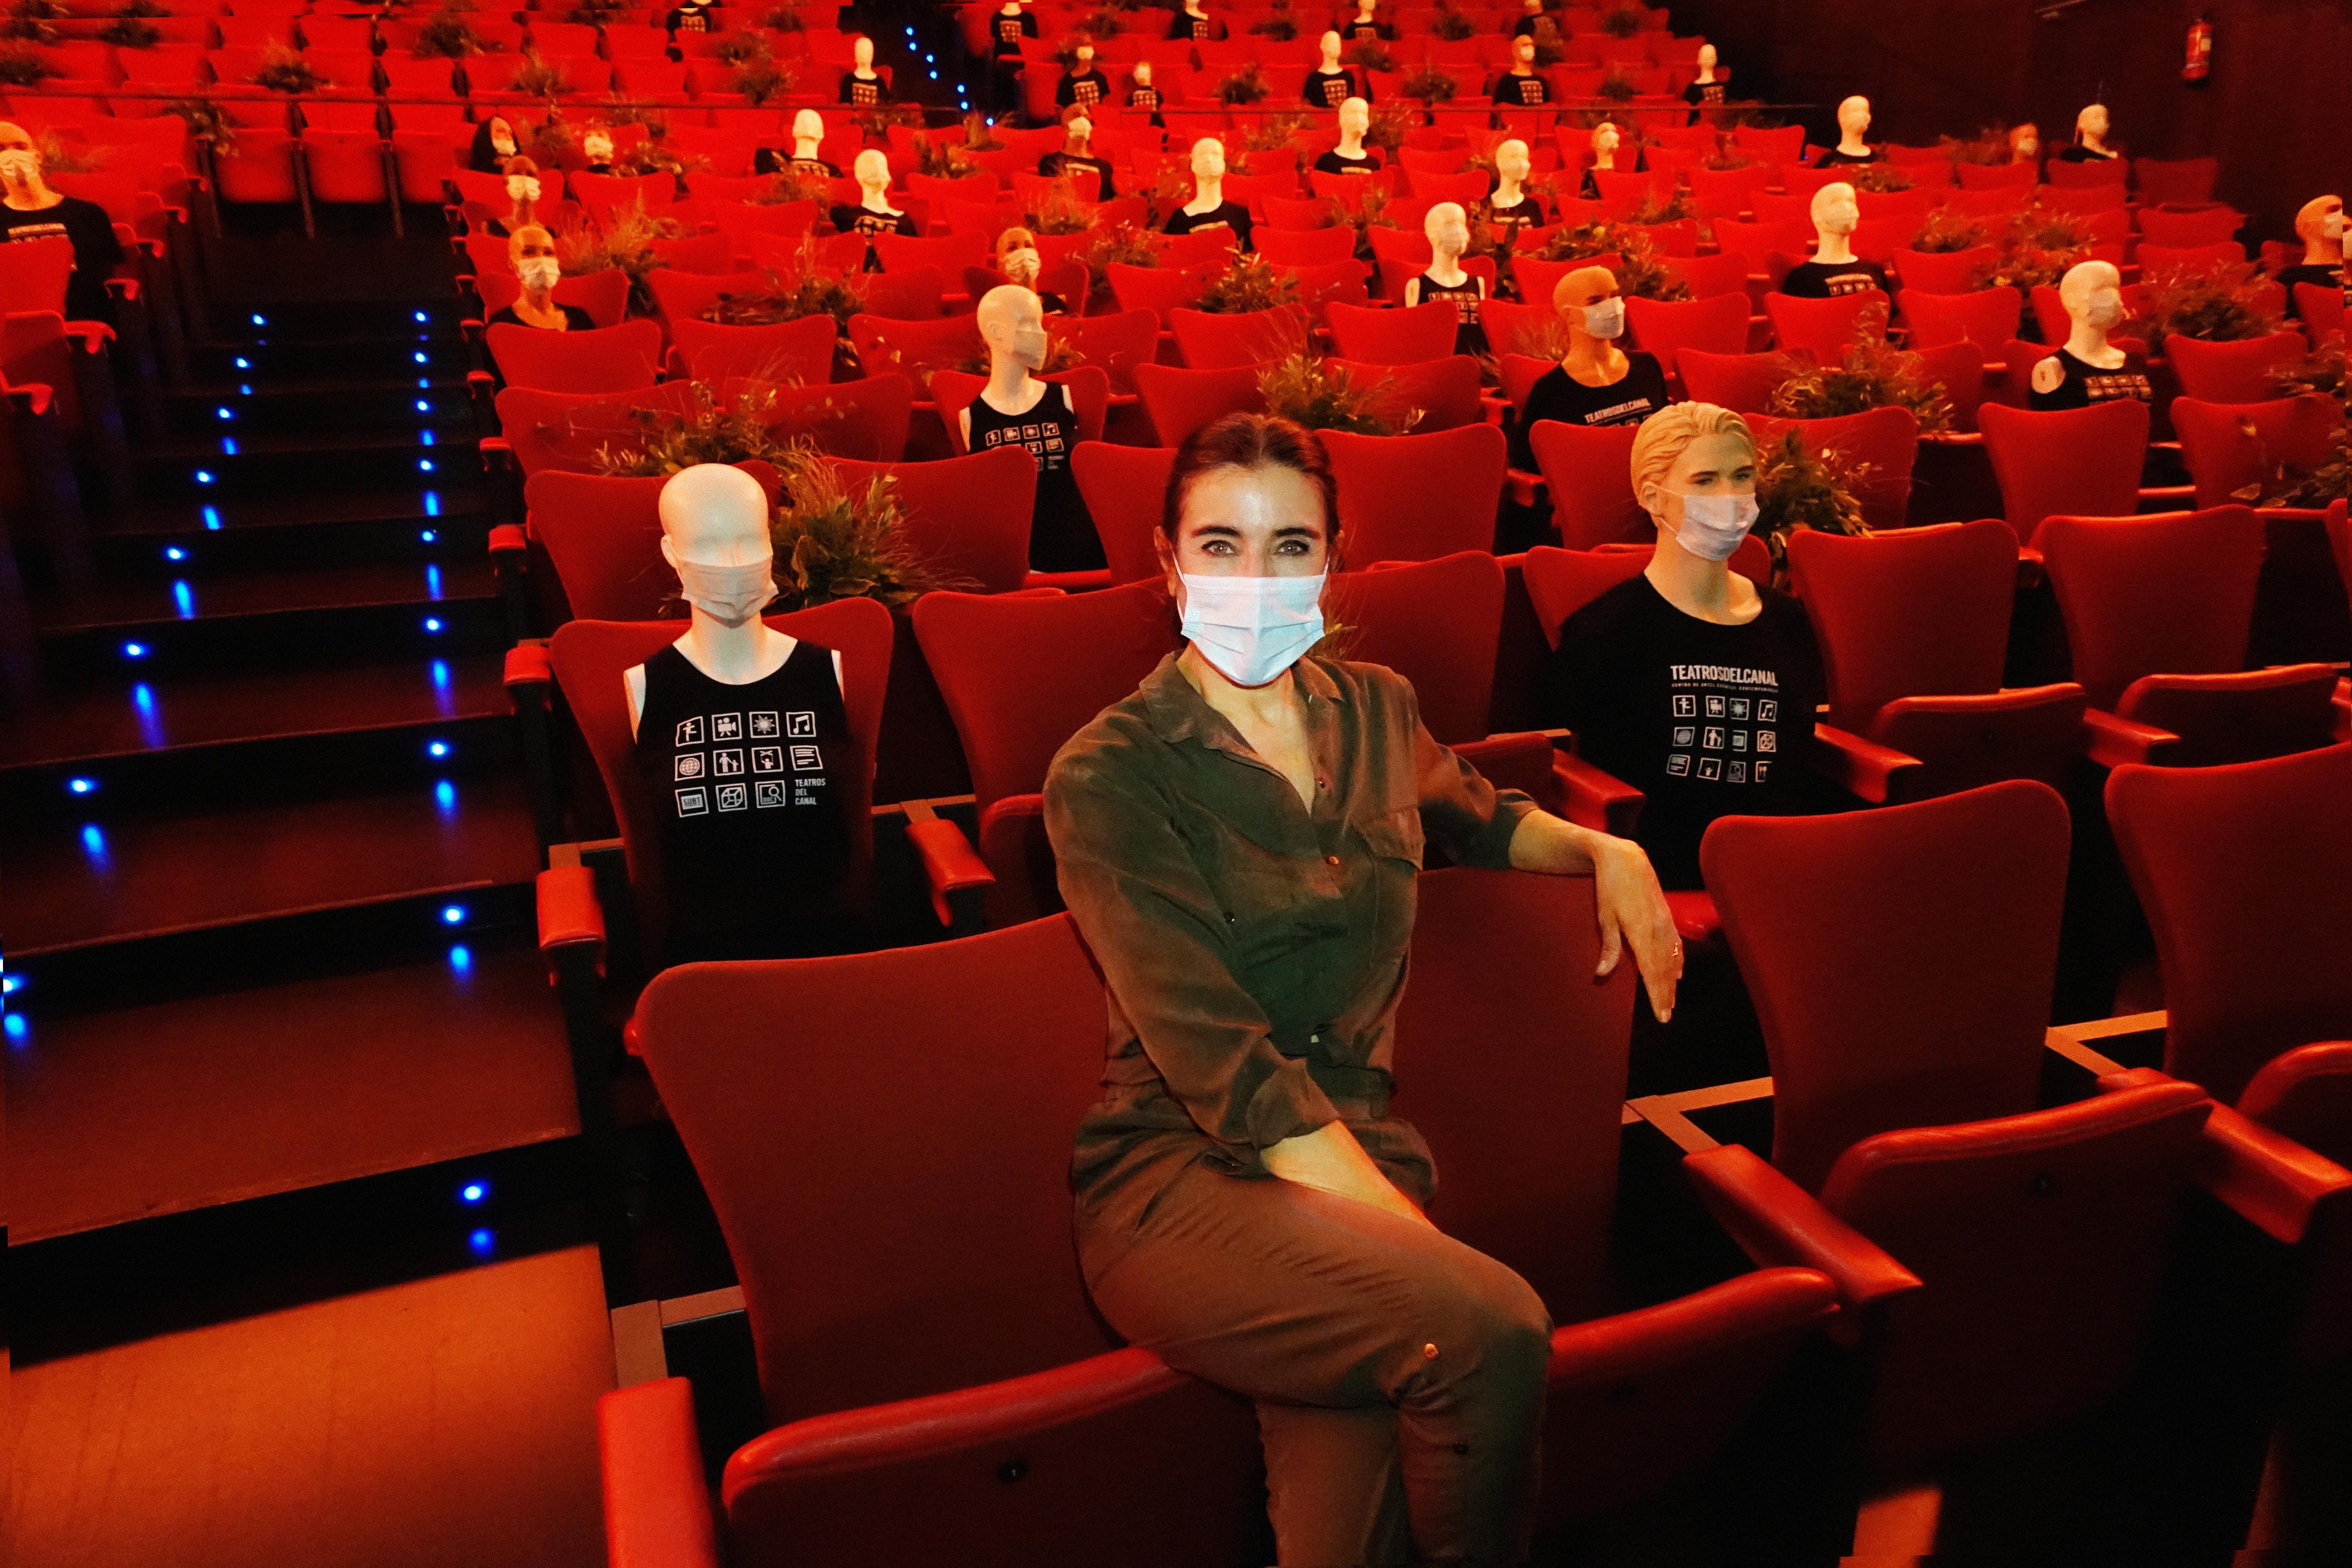 El Teatro Regio de Parma estrena Rigoletto al aire libre